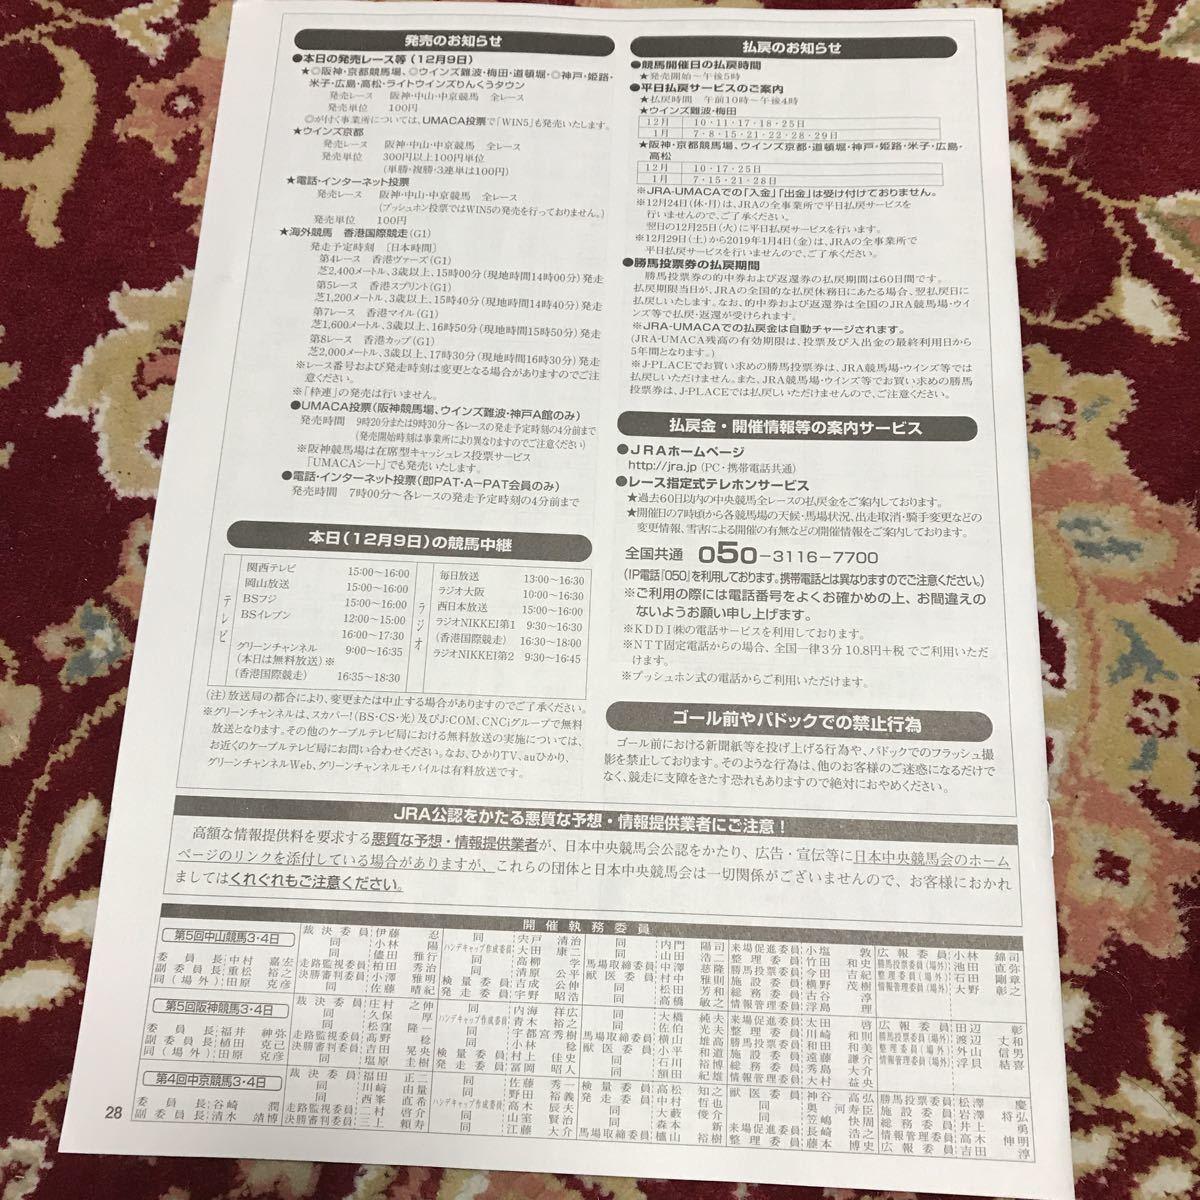 JRAレーシングプログラム2018.12月9日(日)阪神ジュベナイルフィリーズ(GⅠ)、カペラステークス(GⅢ)、名古屋日刊スポーツ杯_画像2